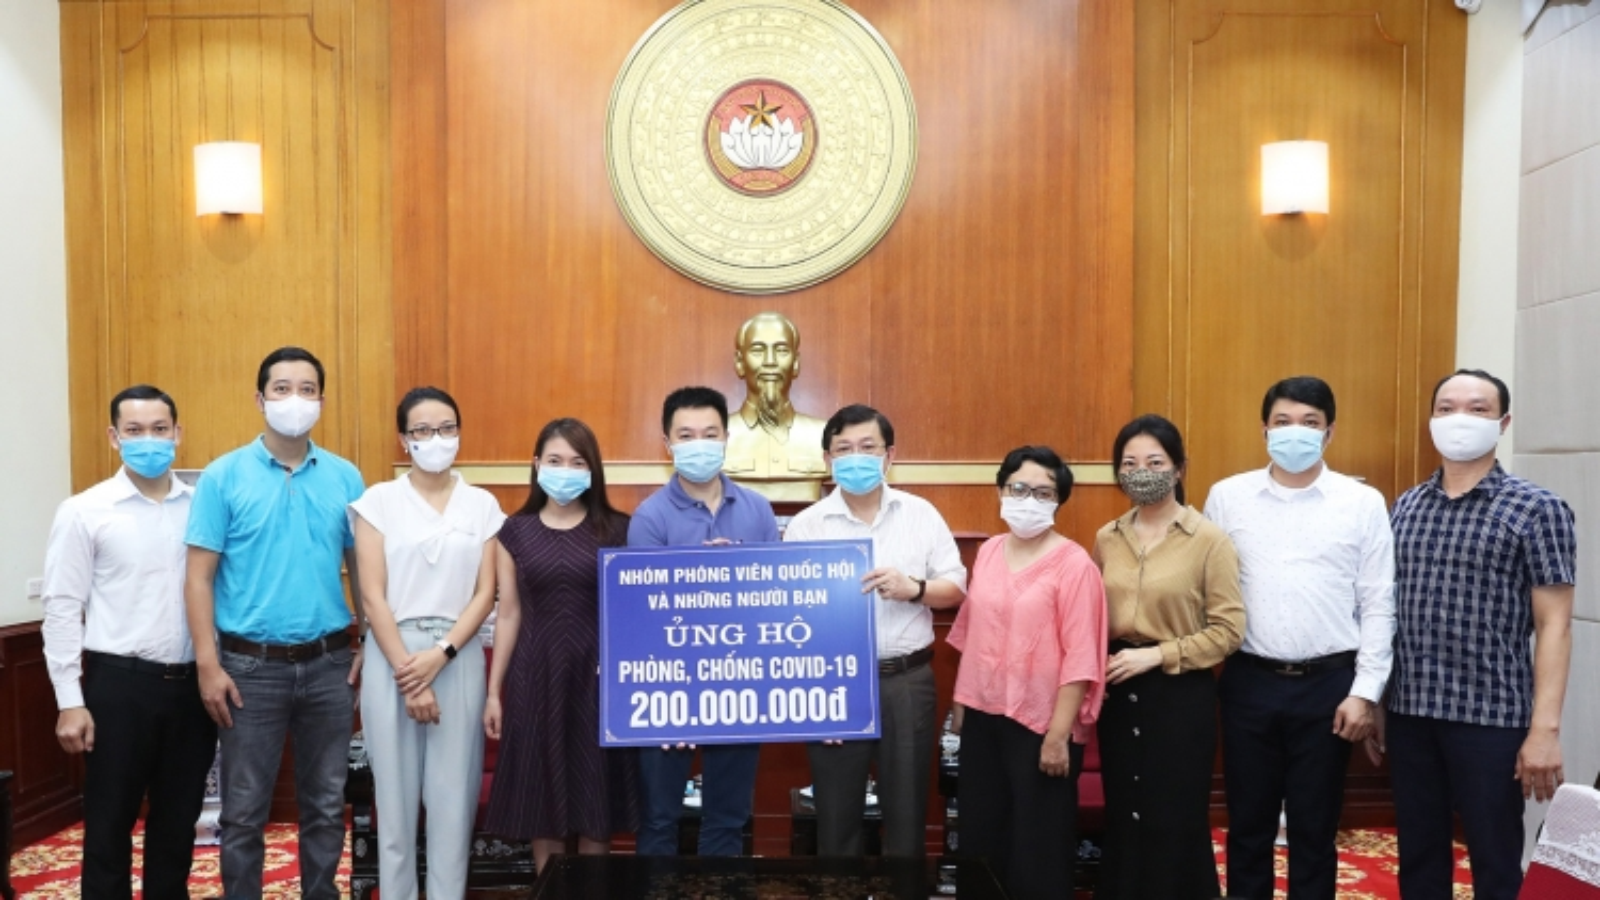 Nhóm Phóng viên Quốc hội và những người bạn ủng hộ 200 triệu đồng phòng, chống Covid-19